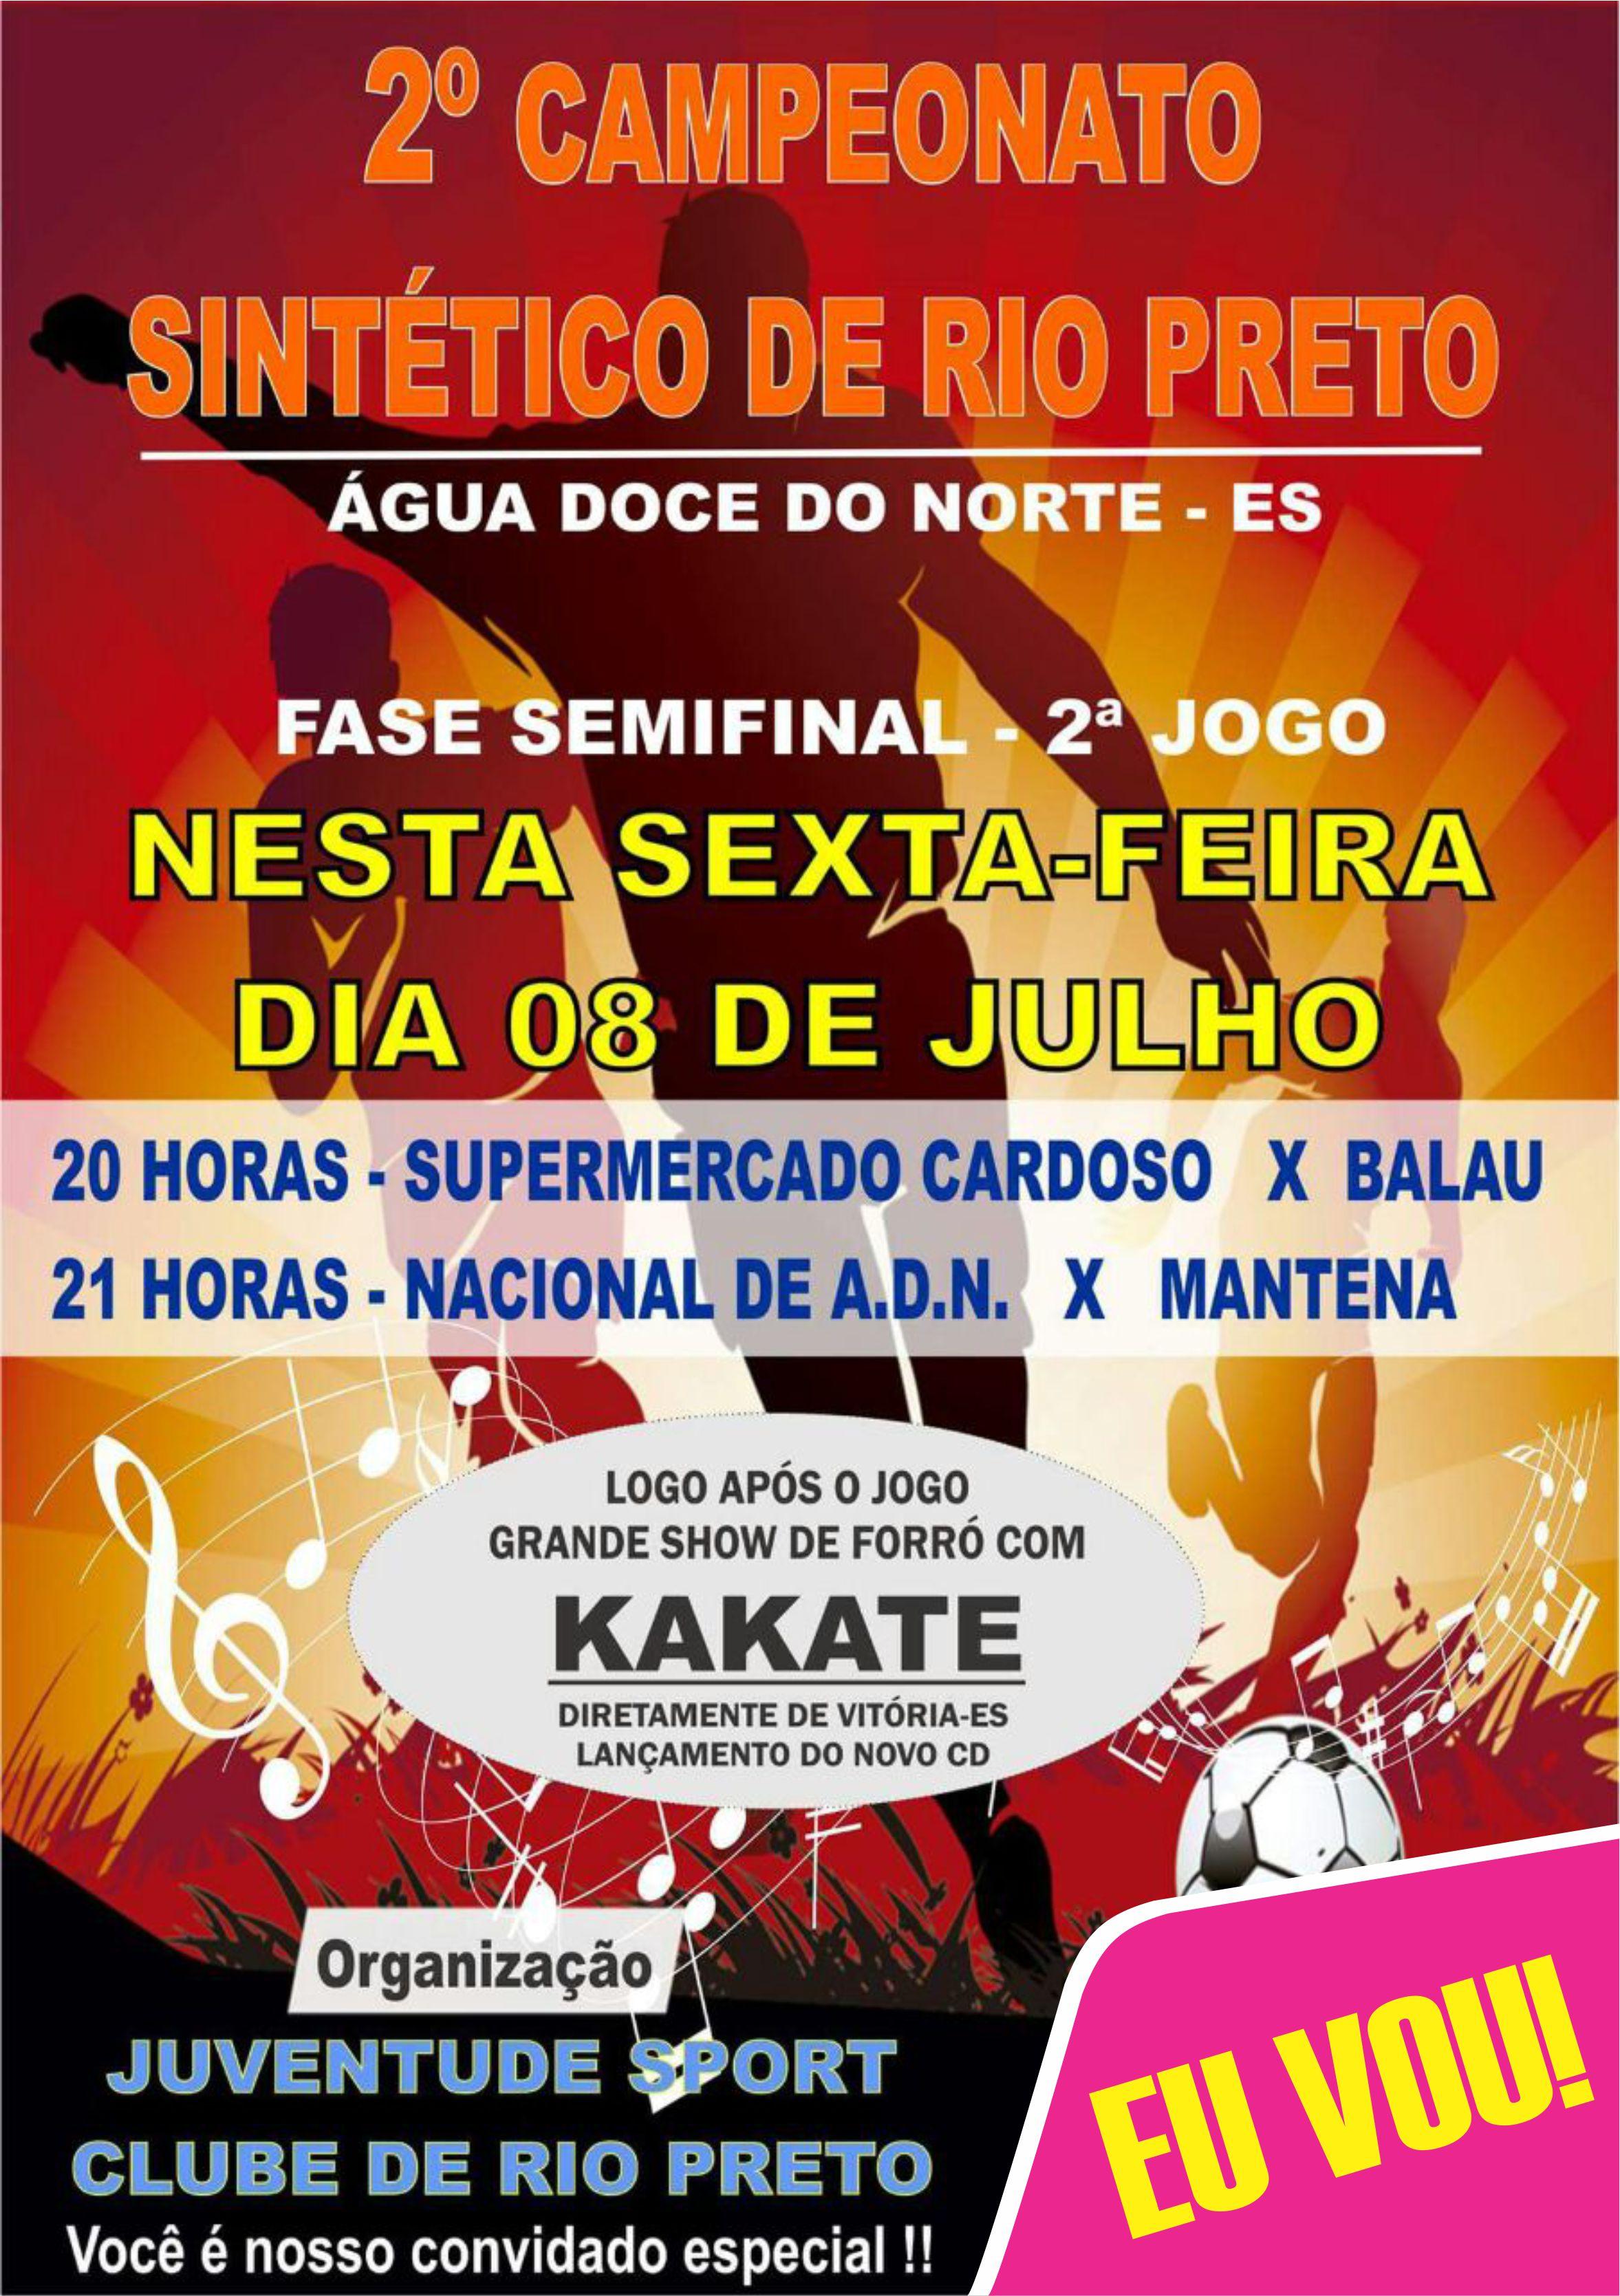 Sexta-feira tem os jogos de volta das Semi-Finais do Campeonato Sintético  do Rio Preto e959e56790d28